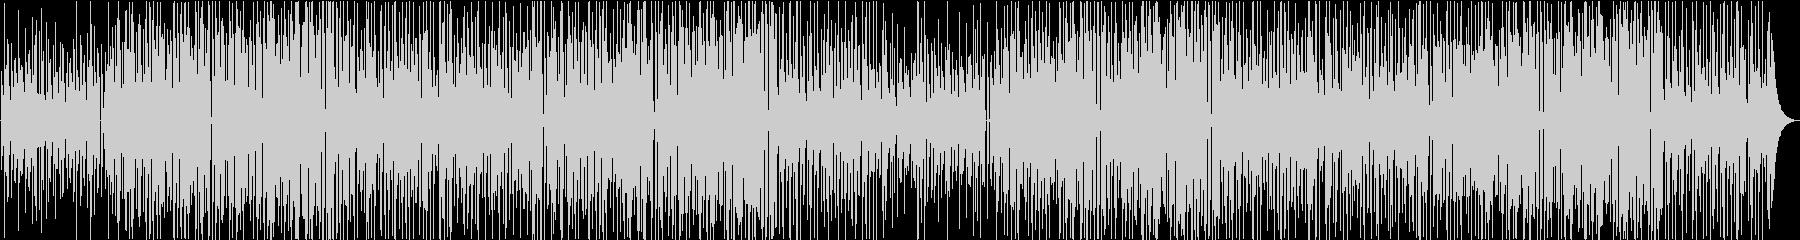 かわいい 明るい 日常系ポップスの未再生の波形